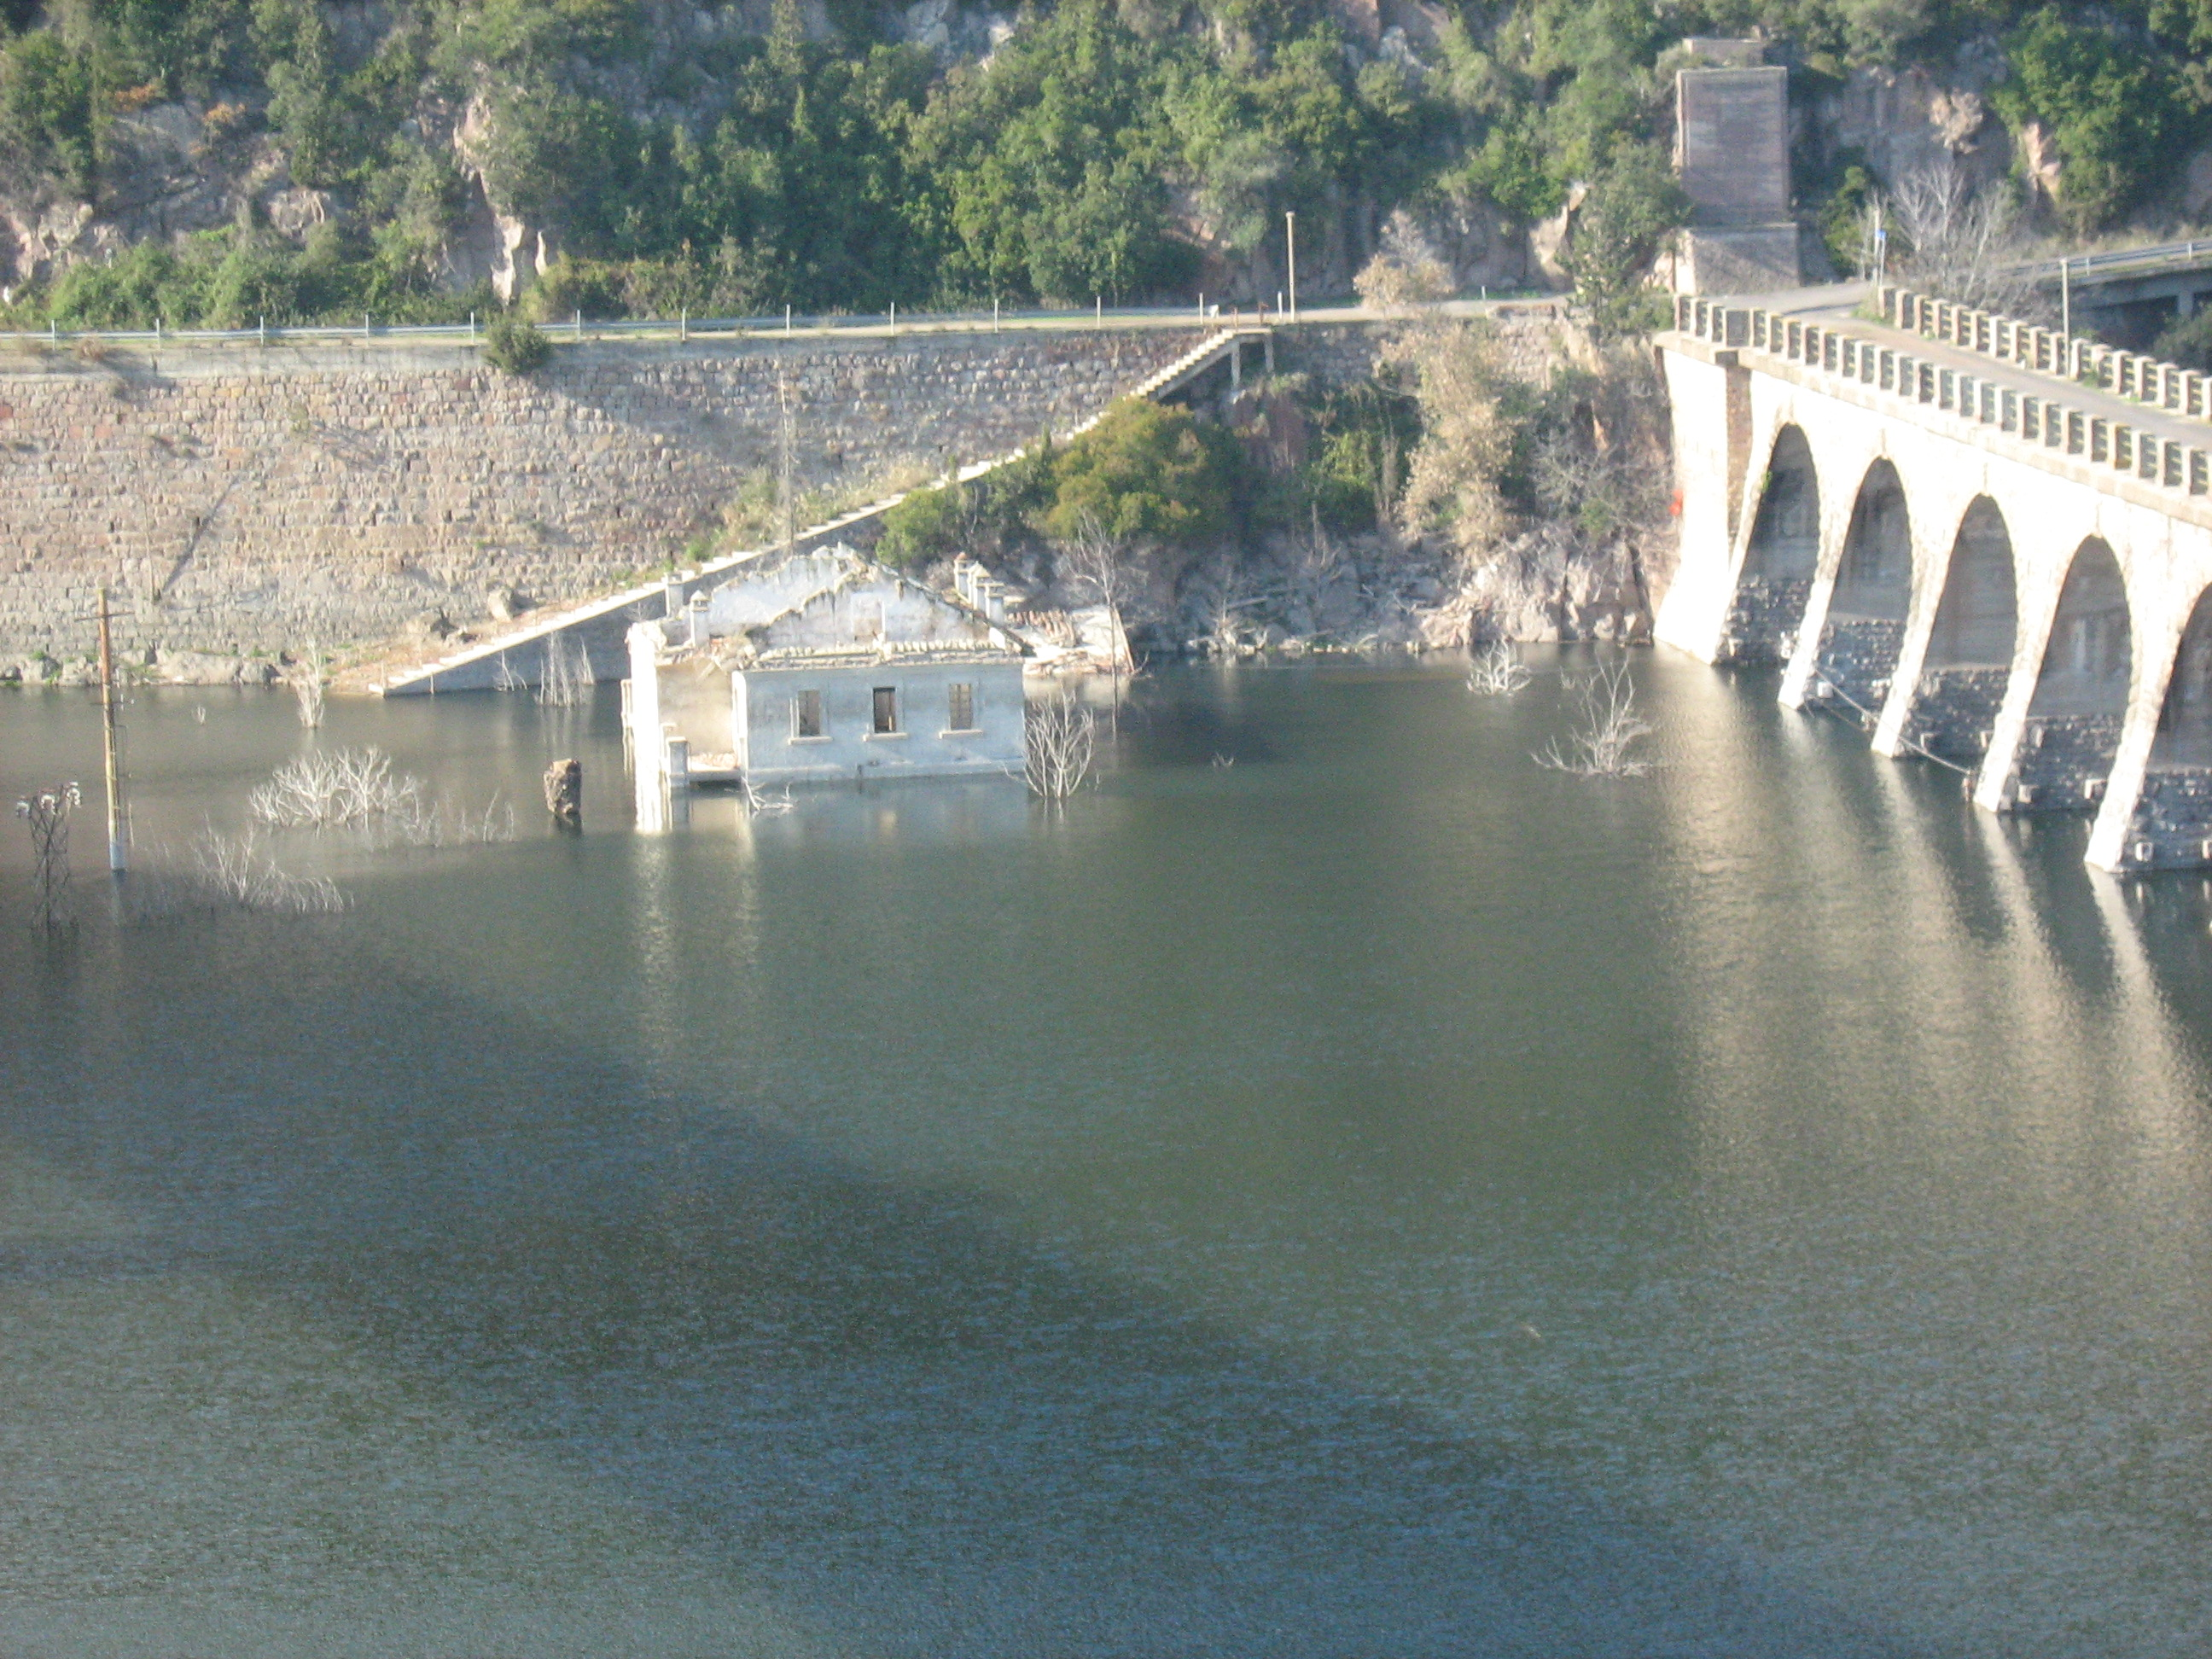 Dicembre 2007 - Vista della casa sommersa